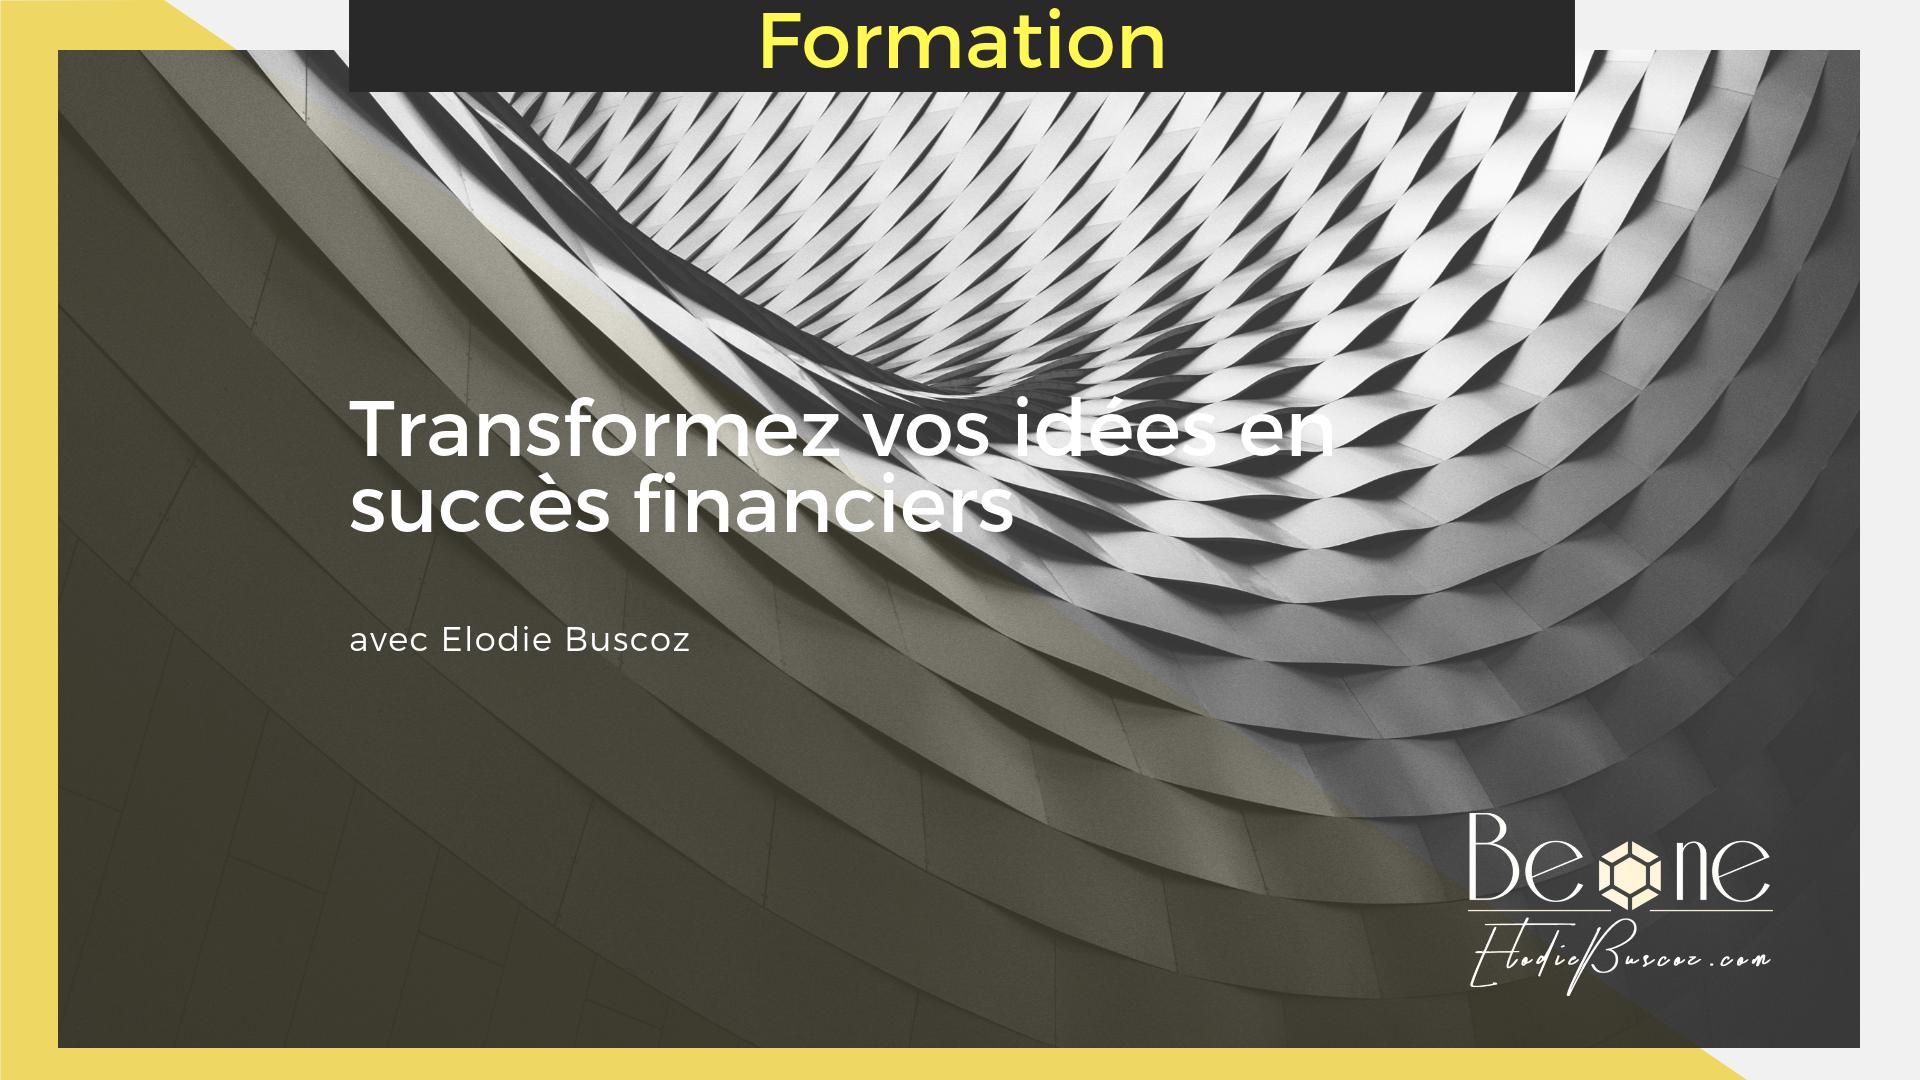 Formation gratuite en ligne business intuitif et capitalisme conscient_Elodie Buscoz BE ONE_consultante CEO Monaco Quebec Moscou France